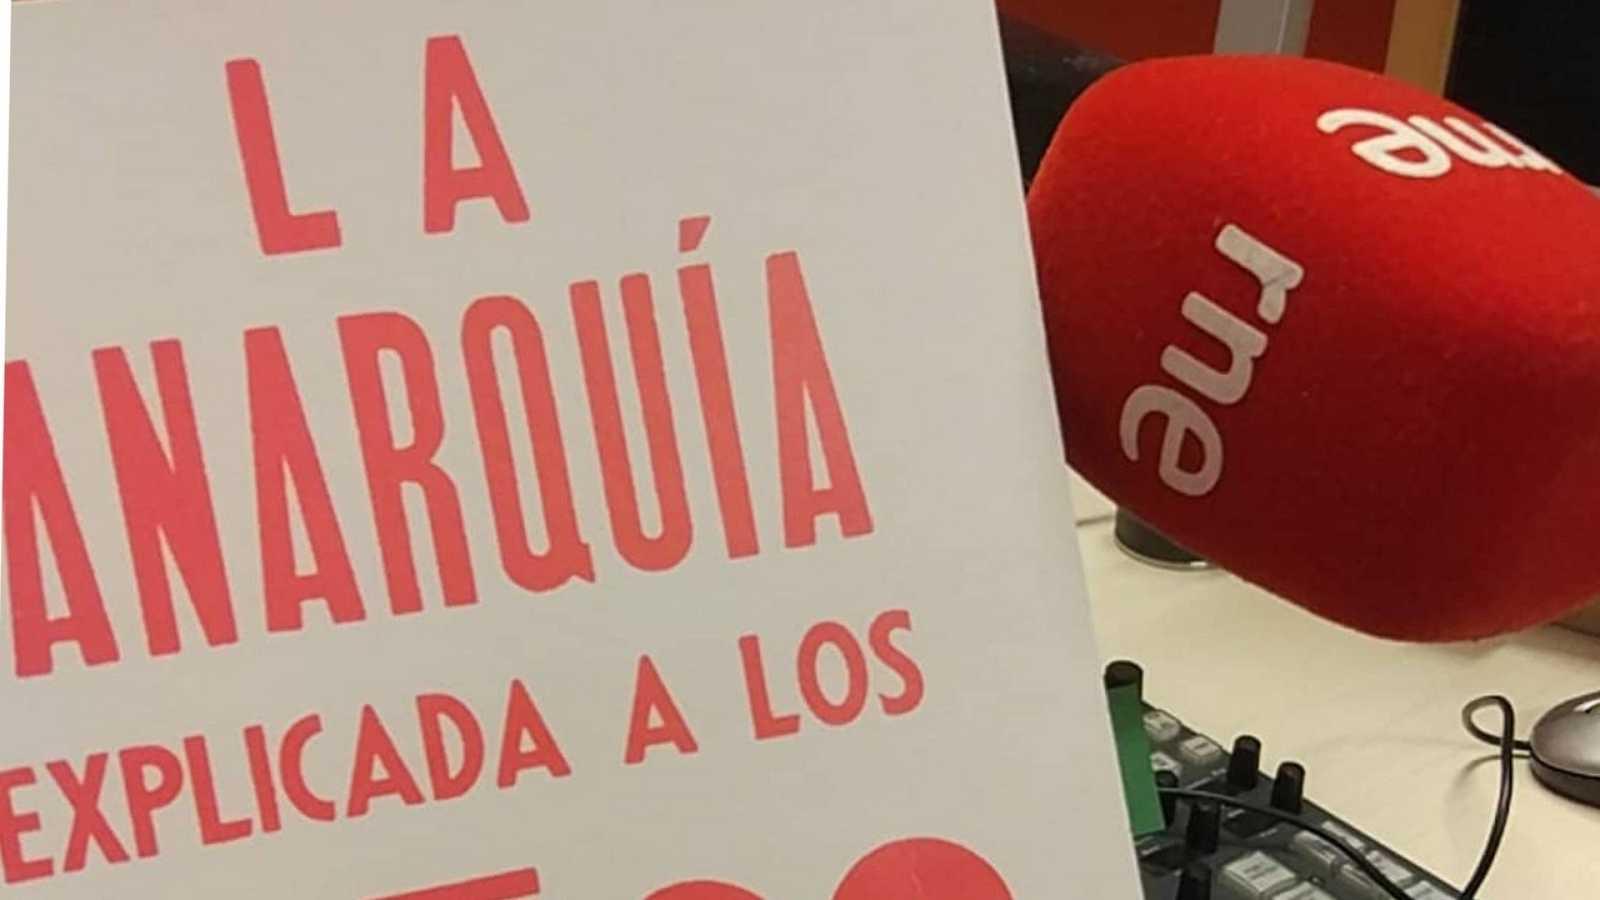 Hoy empieza todo con Marta Echeverría - Anarquía para niños, Julio Jara y The Paris Review - 05/01/21 - escuchar ahora